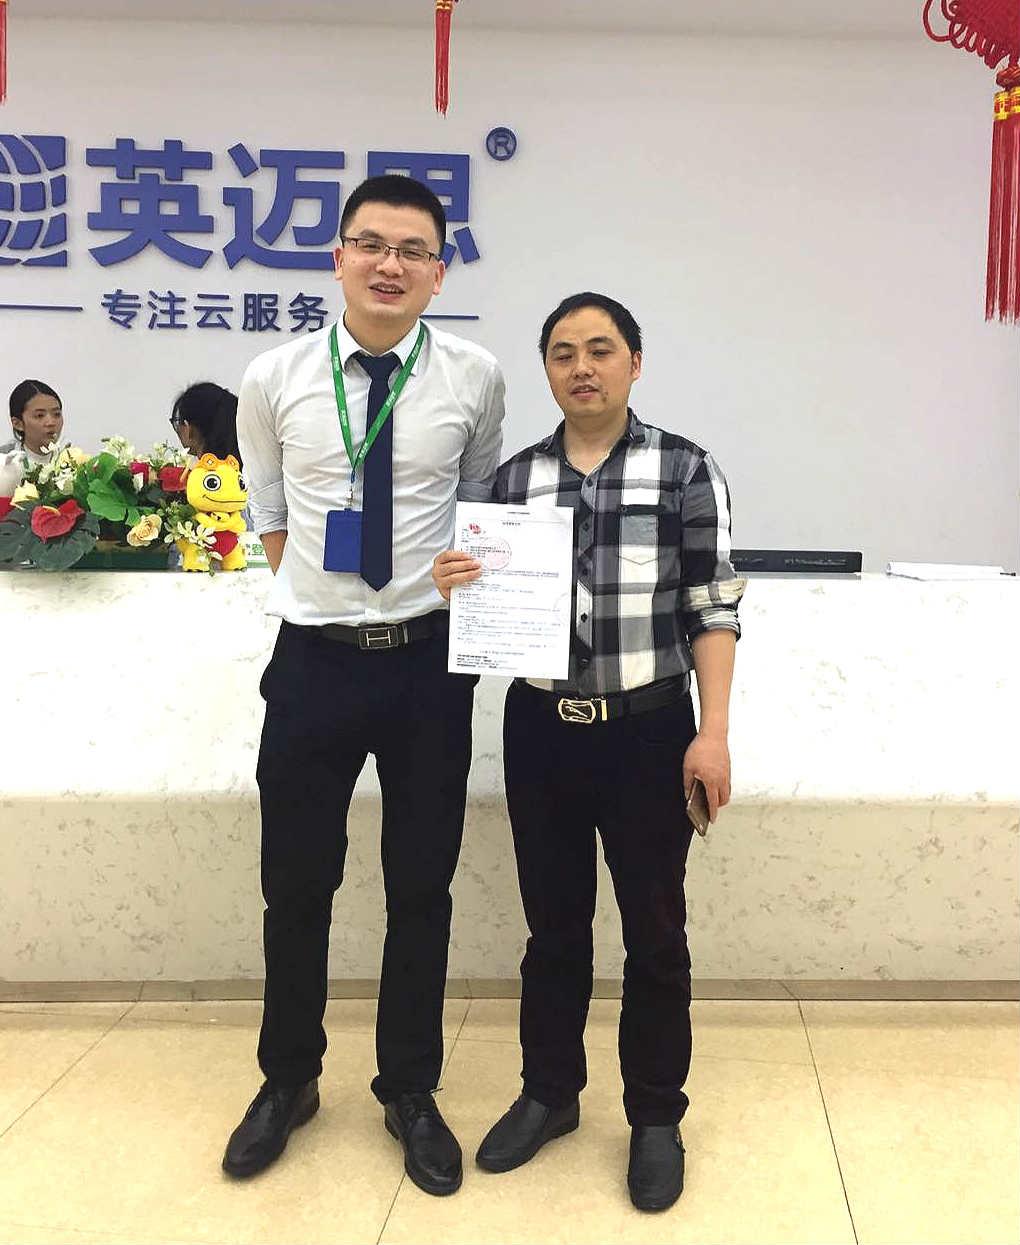 【签约】晓风彩票系统正式签约江西王先生